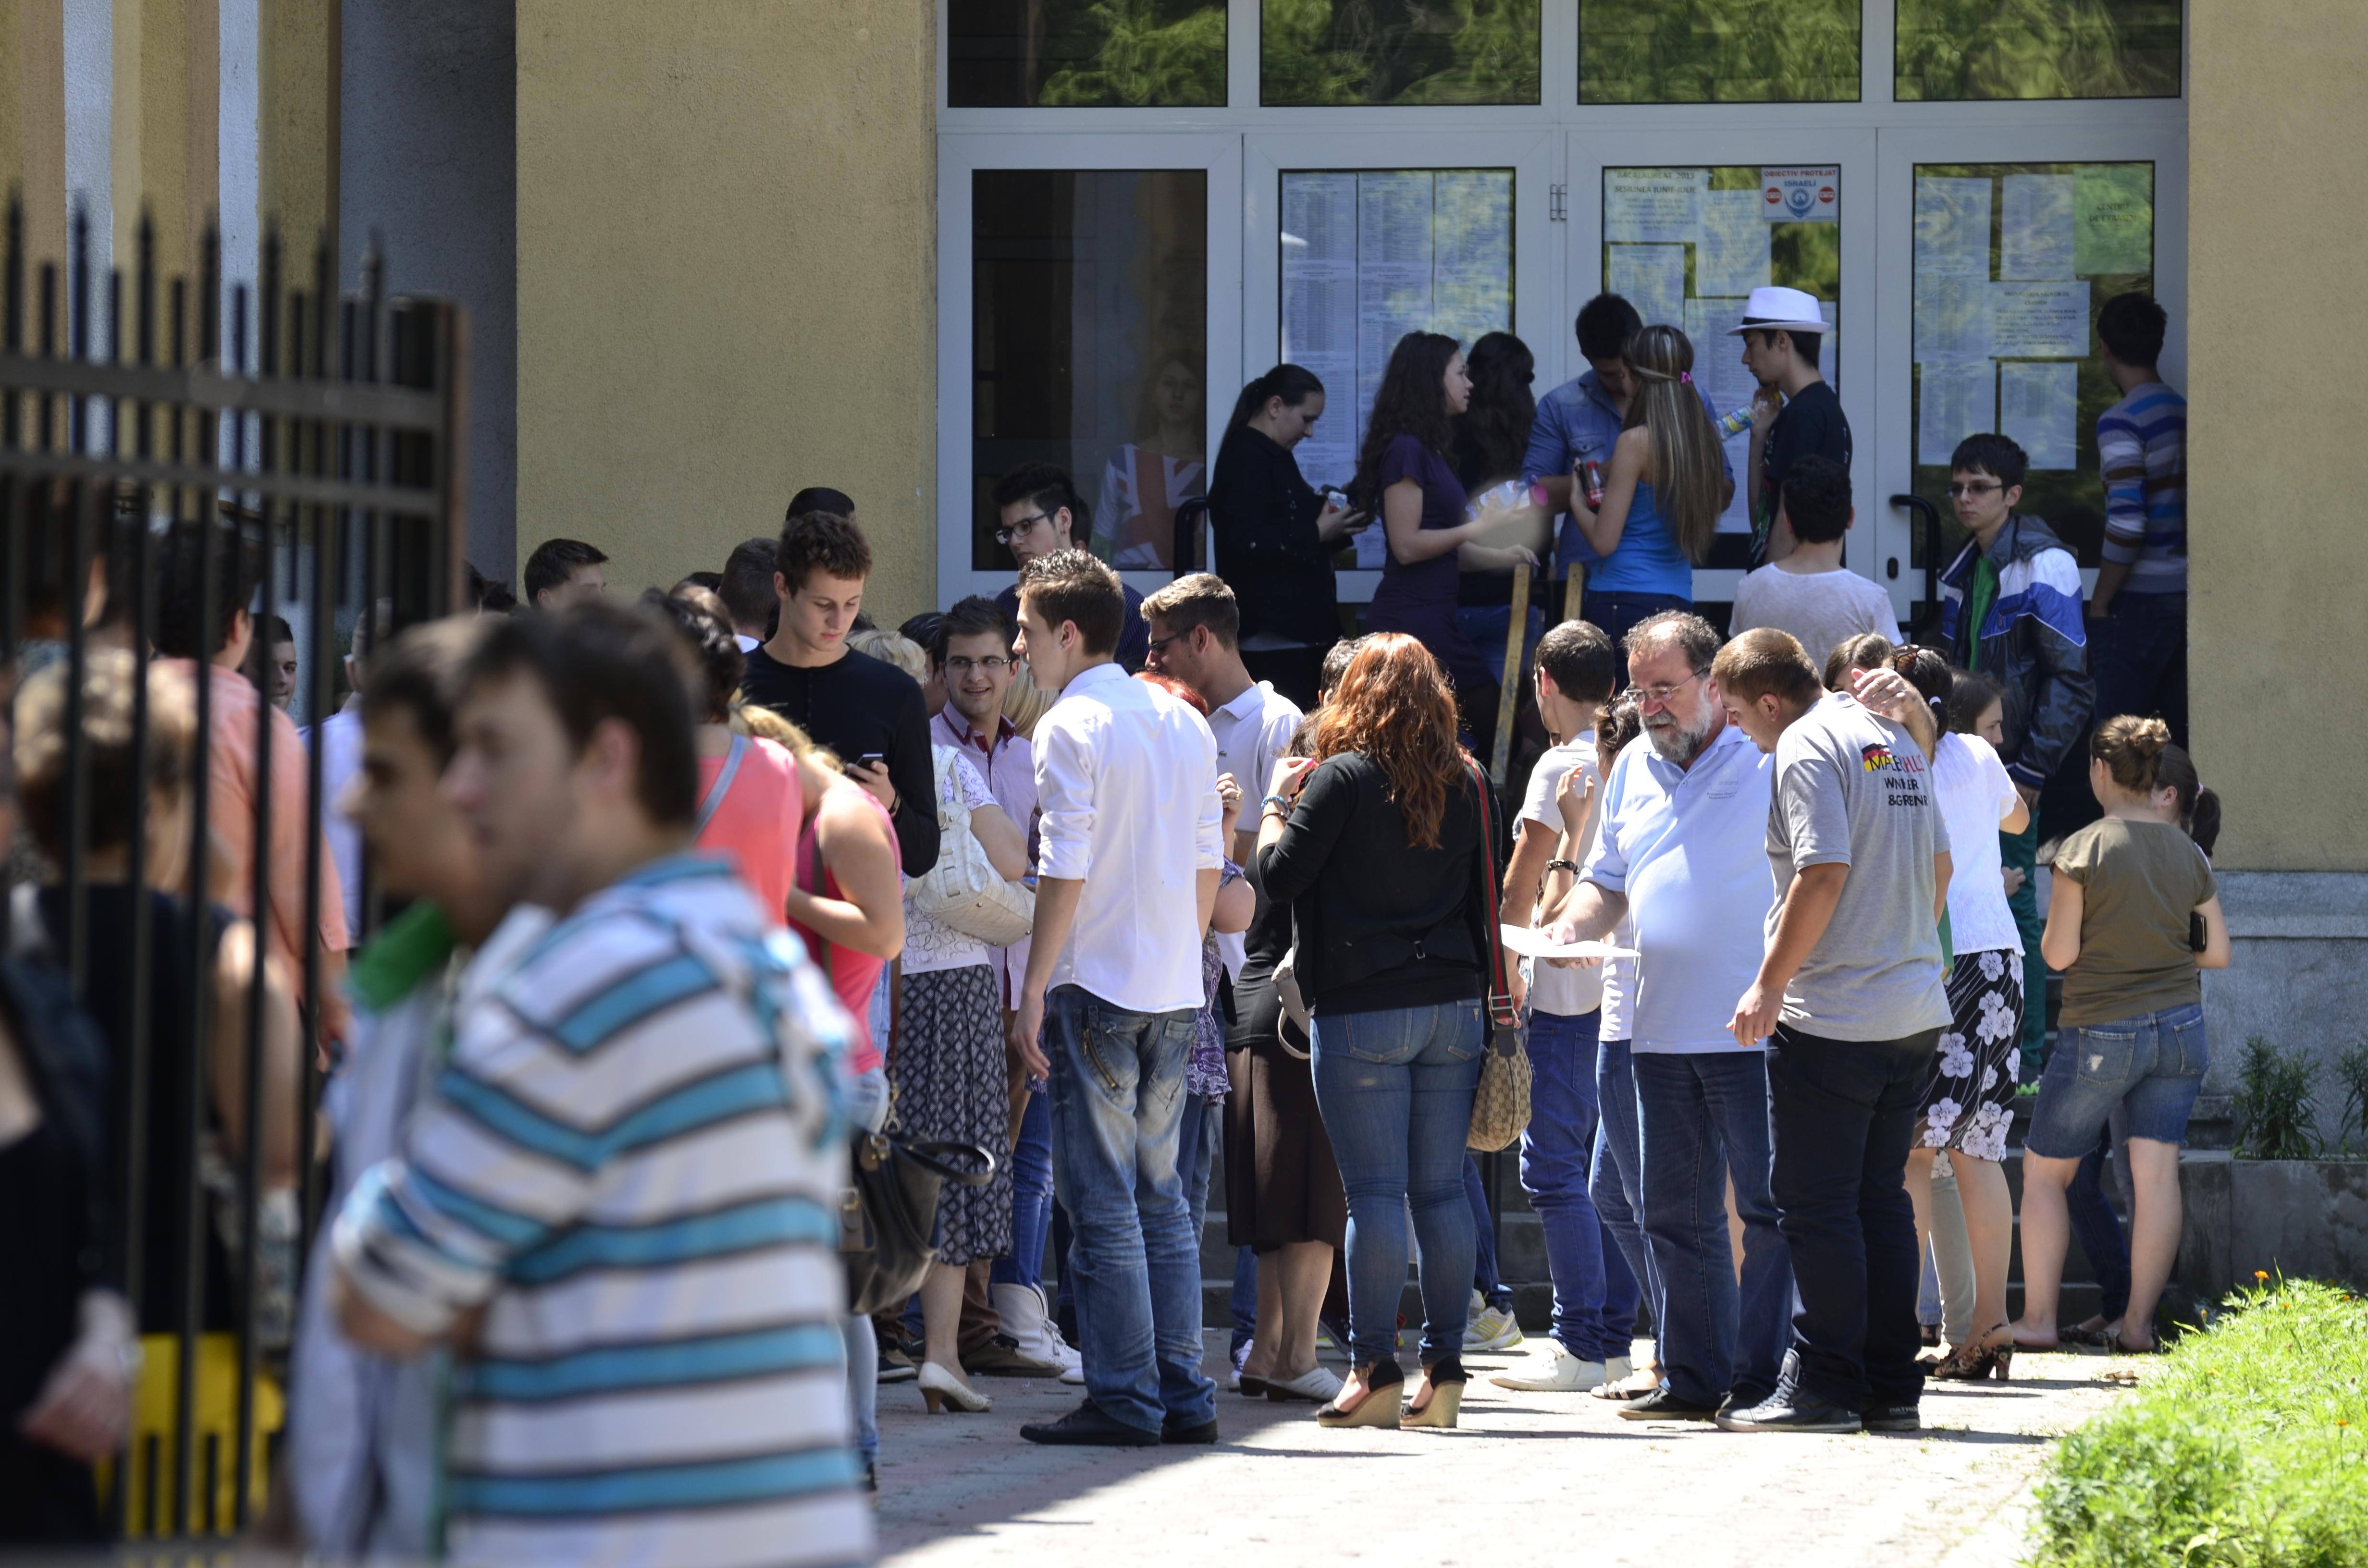 BACALAUREAT 2014, SESIUNEA DE TOAMNA. Peste 63.000 de absolventi, inscrisi la a doua sesiune a examenului de bacalaureat